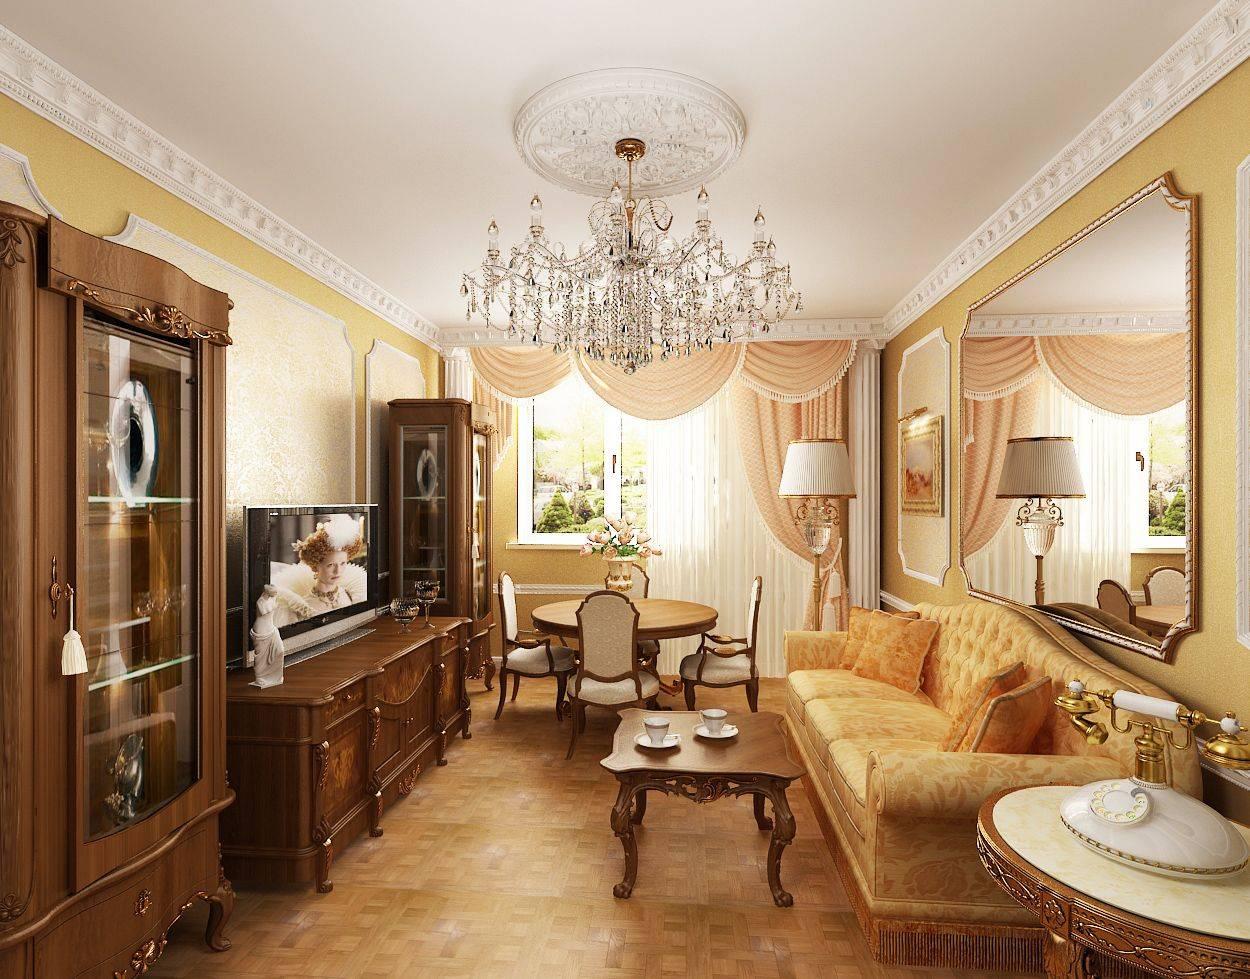 Интерьер гостиной в классическом стиле - особенности оформления, полезные советы и фото идеи